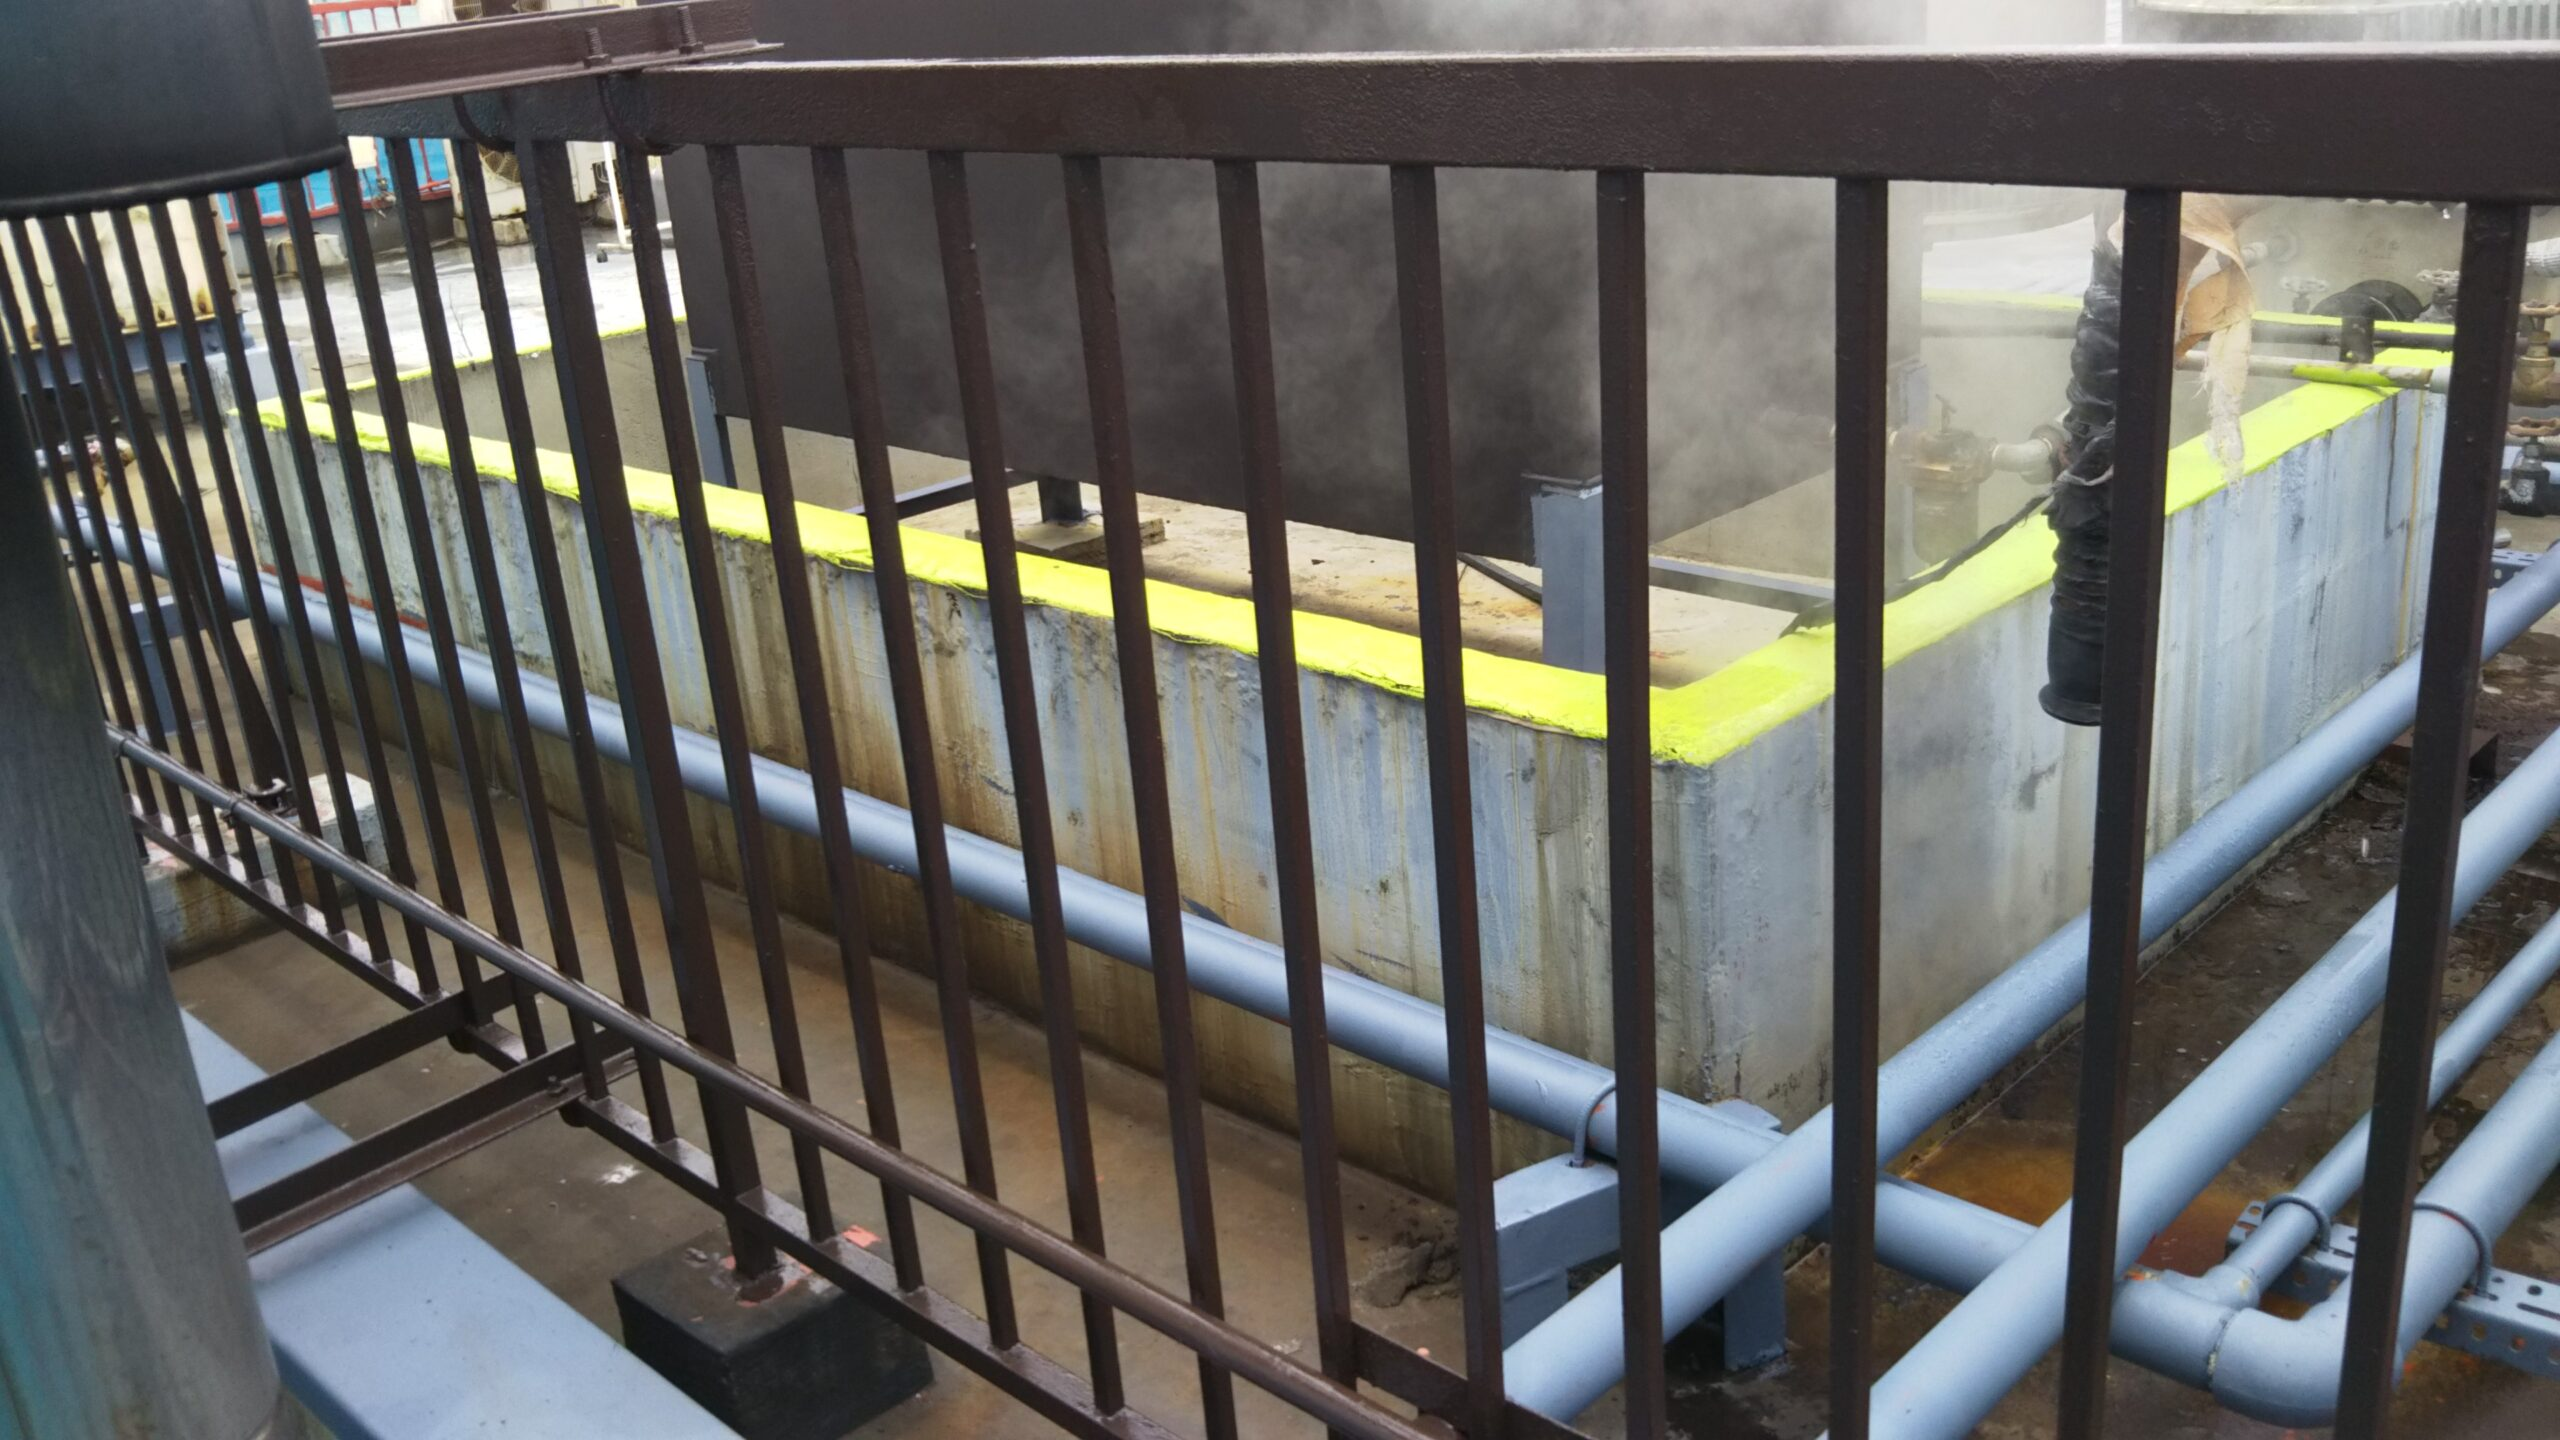 埼玉県さいたま市 外壁及び鉄部の塗装工事|埼玉県さいたま市見沼区の某工場にて塗り替えリフォーム